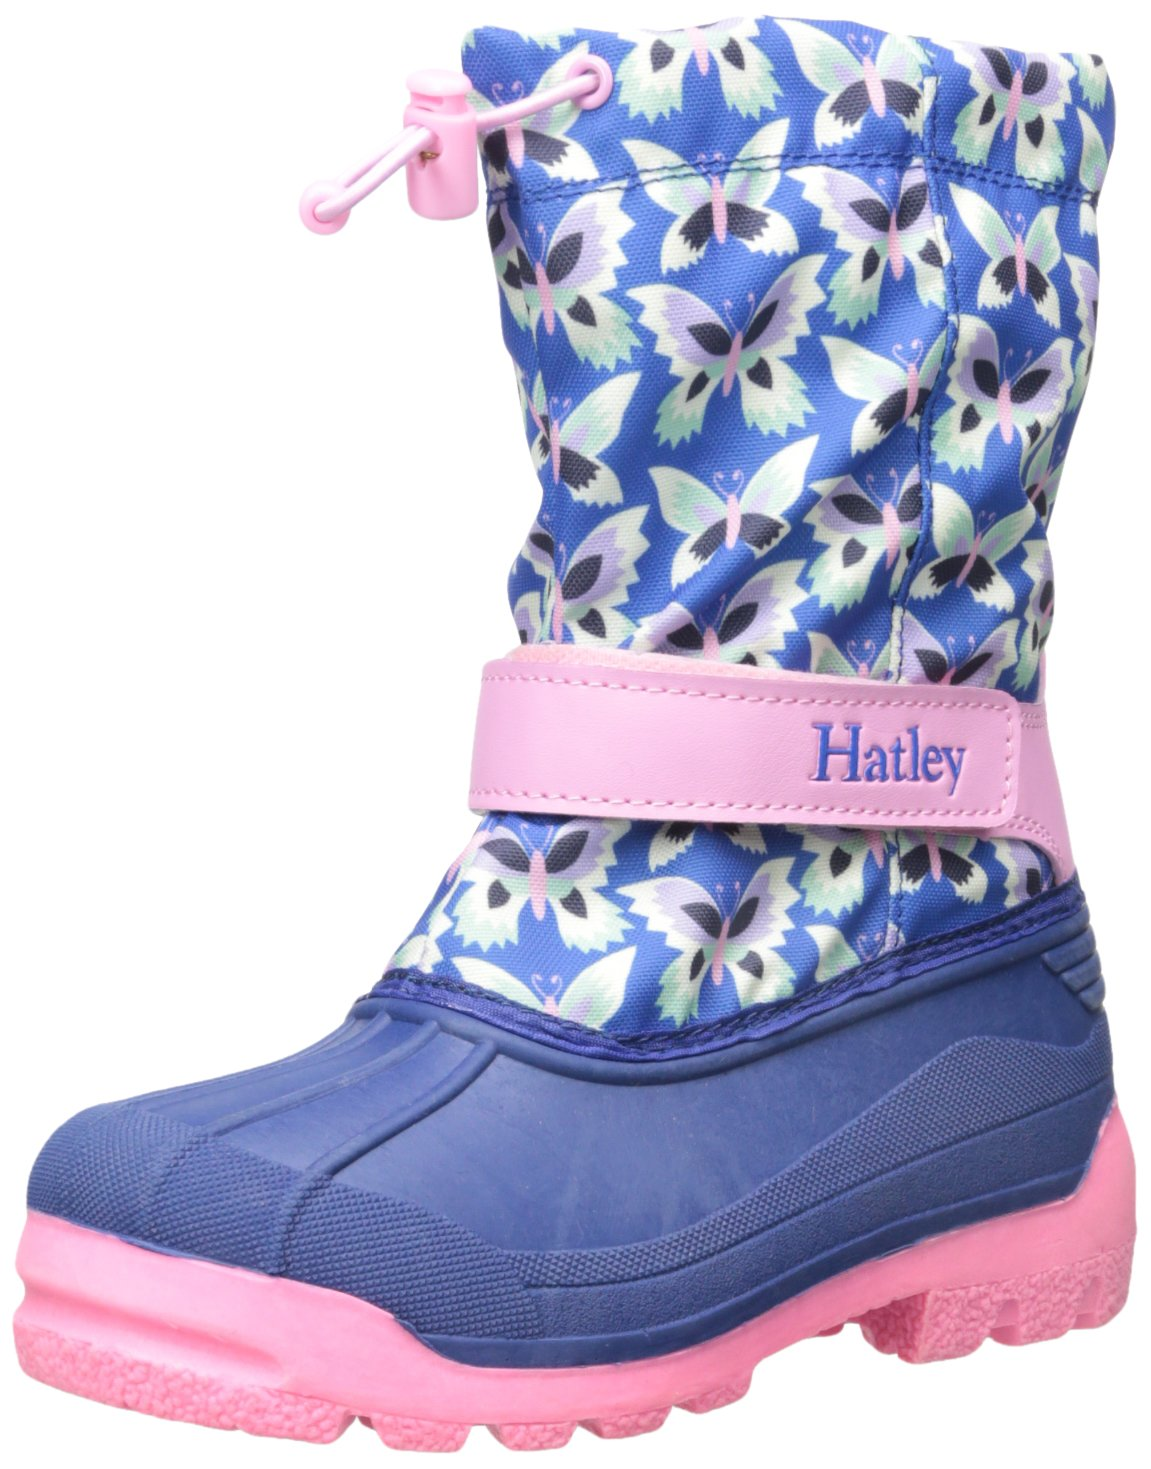 Hatley Girls' Winter Boots-Butterflies, Blue, 1